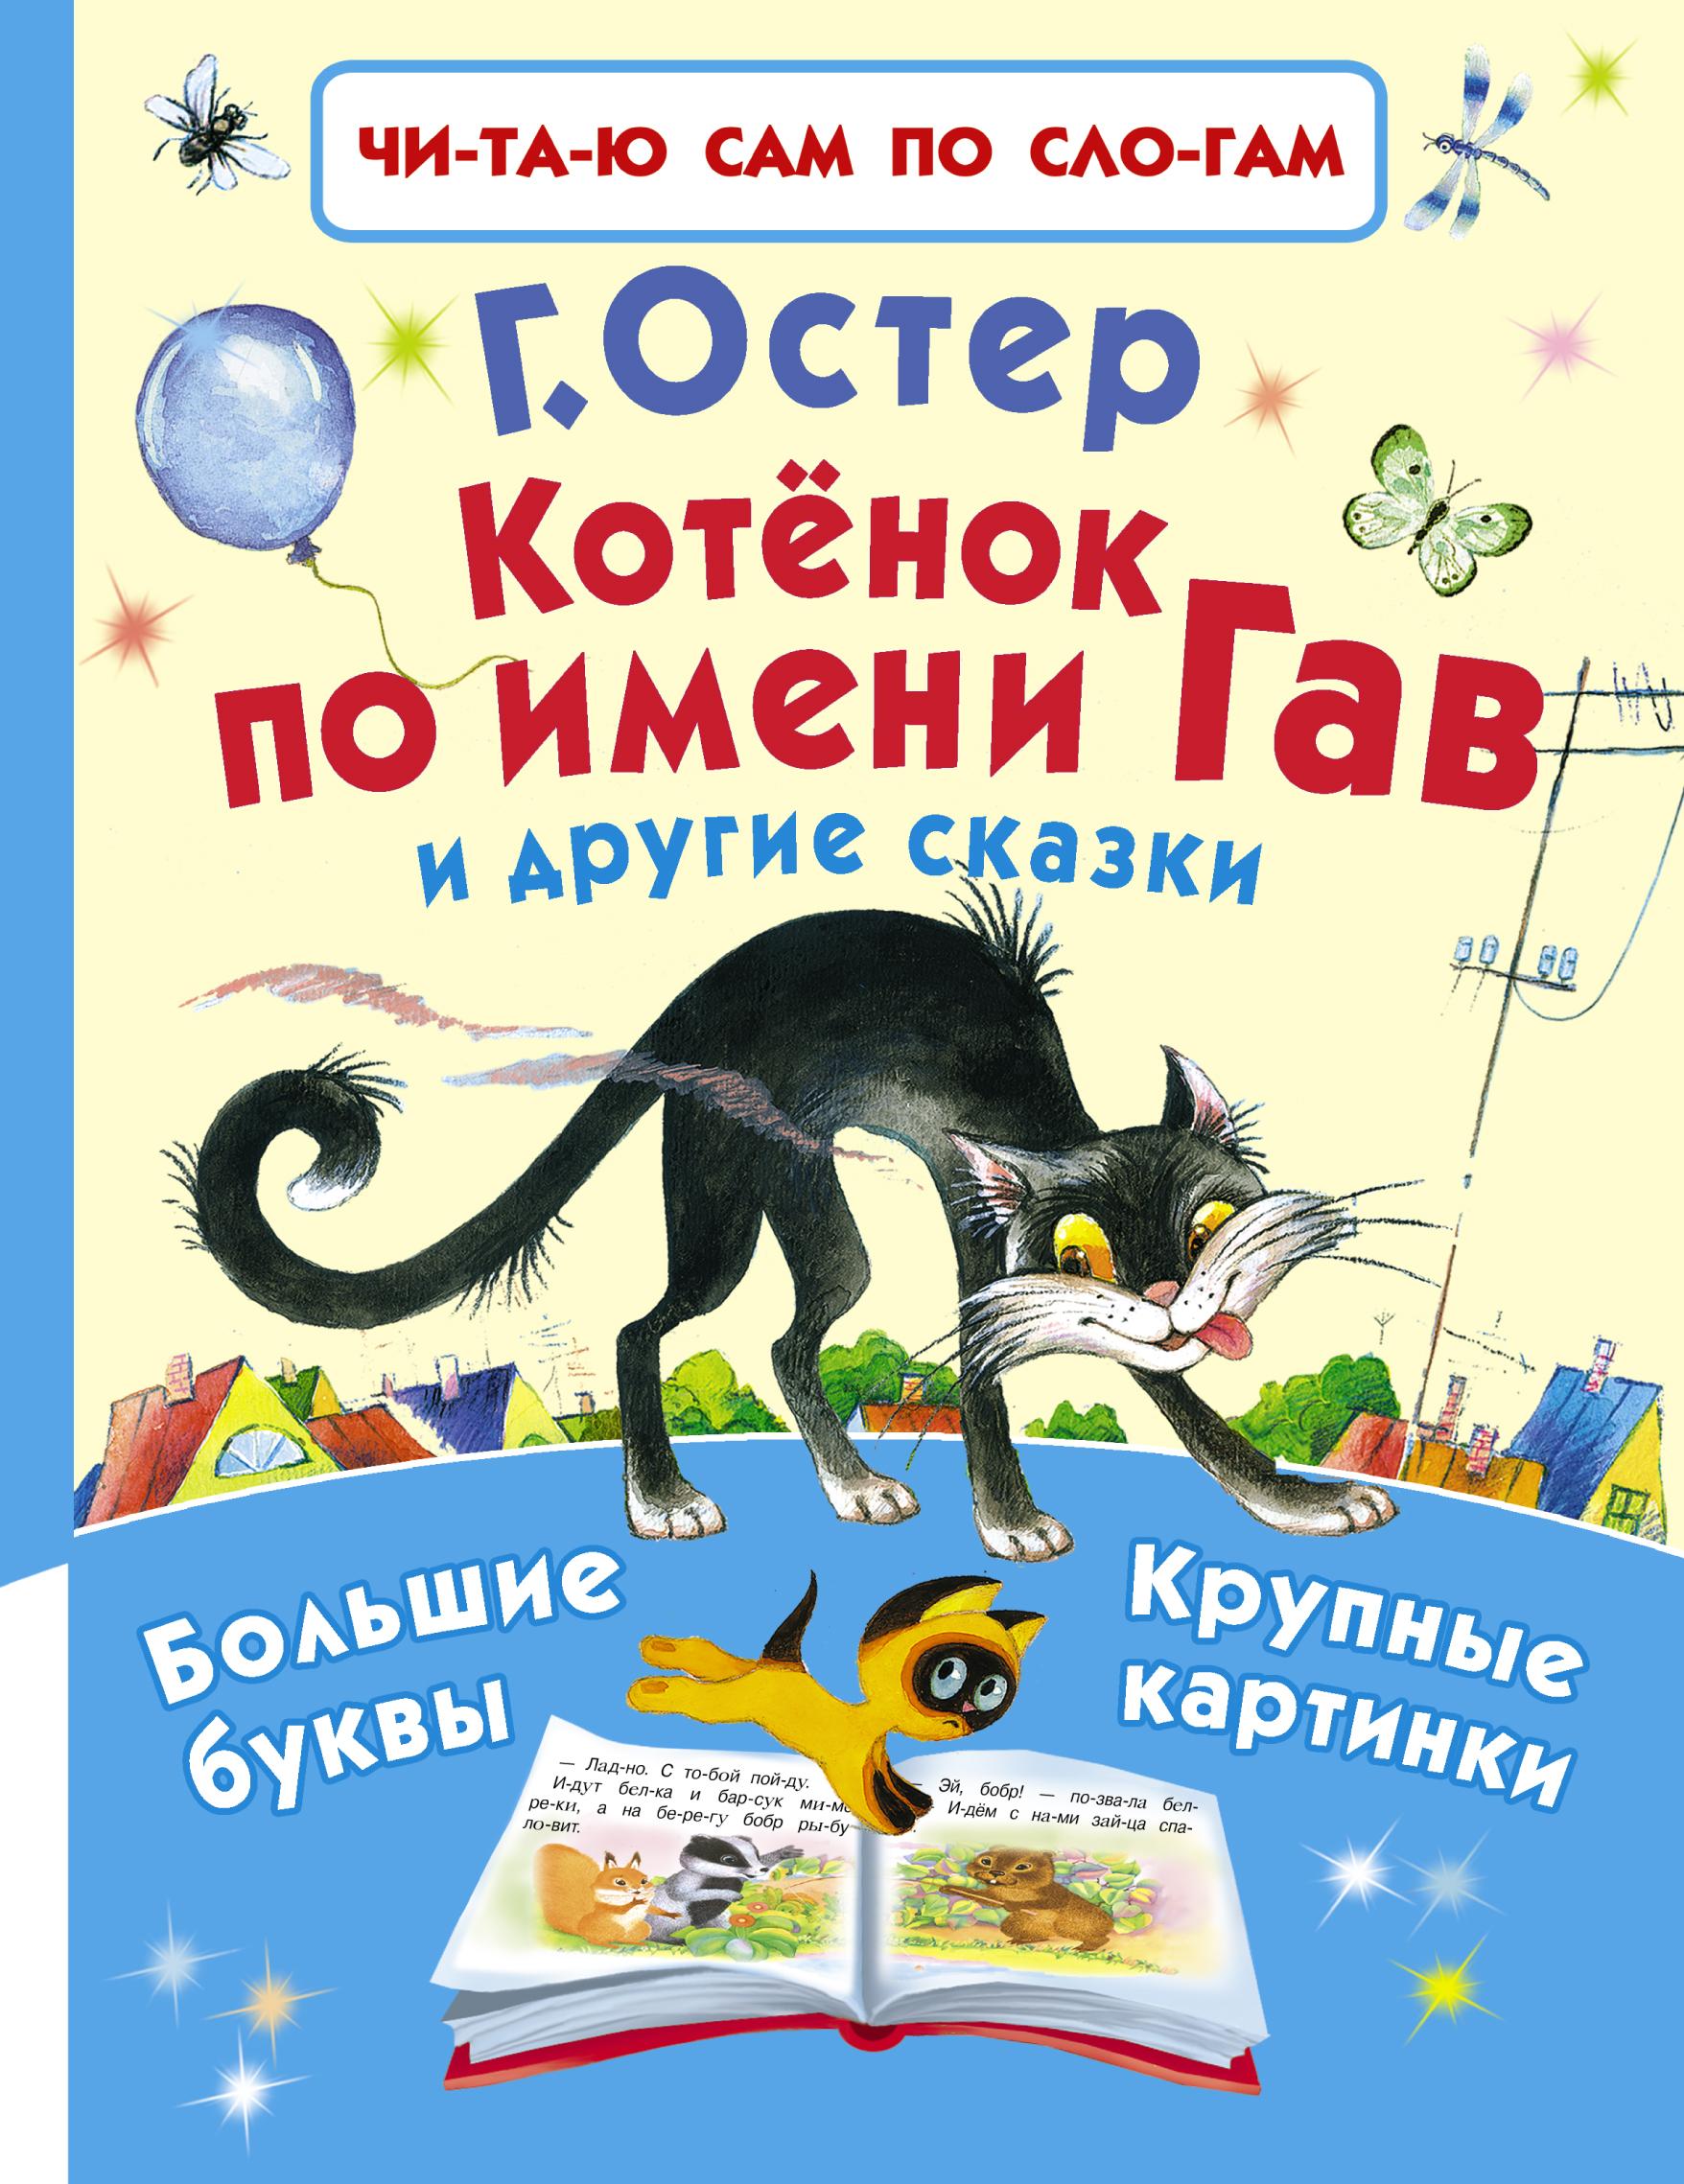 Котёнок по имени Гав и другие сказки